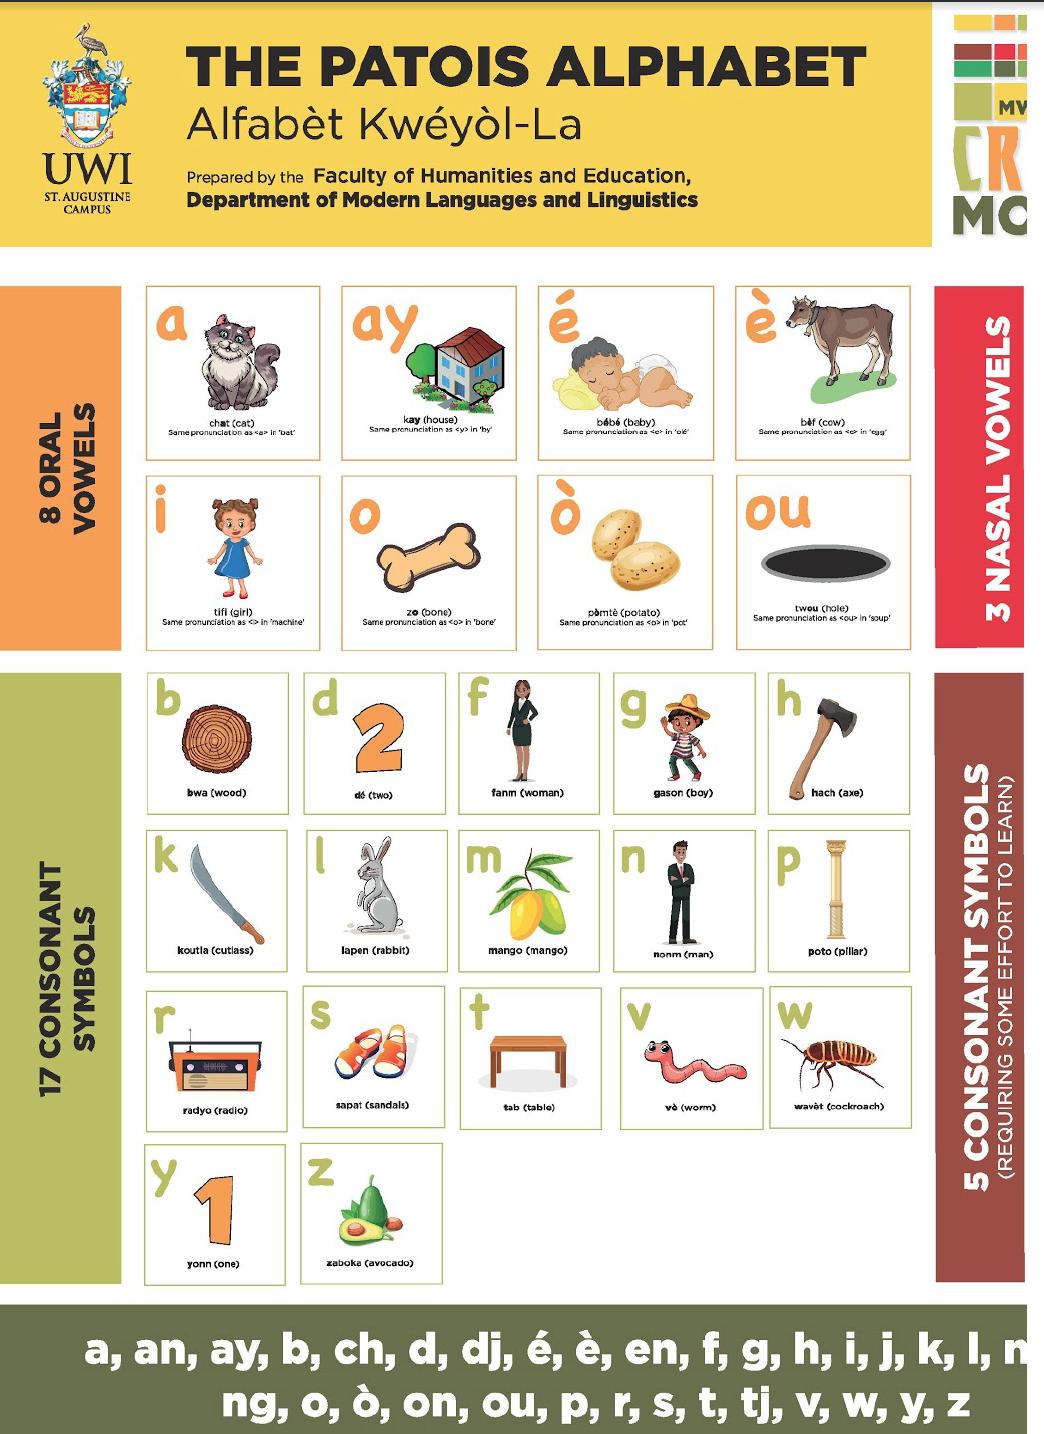 tableau de l'alphabet Patois avec un exemple de mot illustré pour chaque lettre